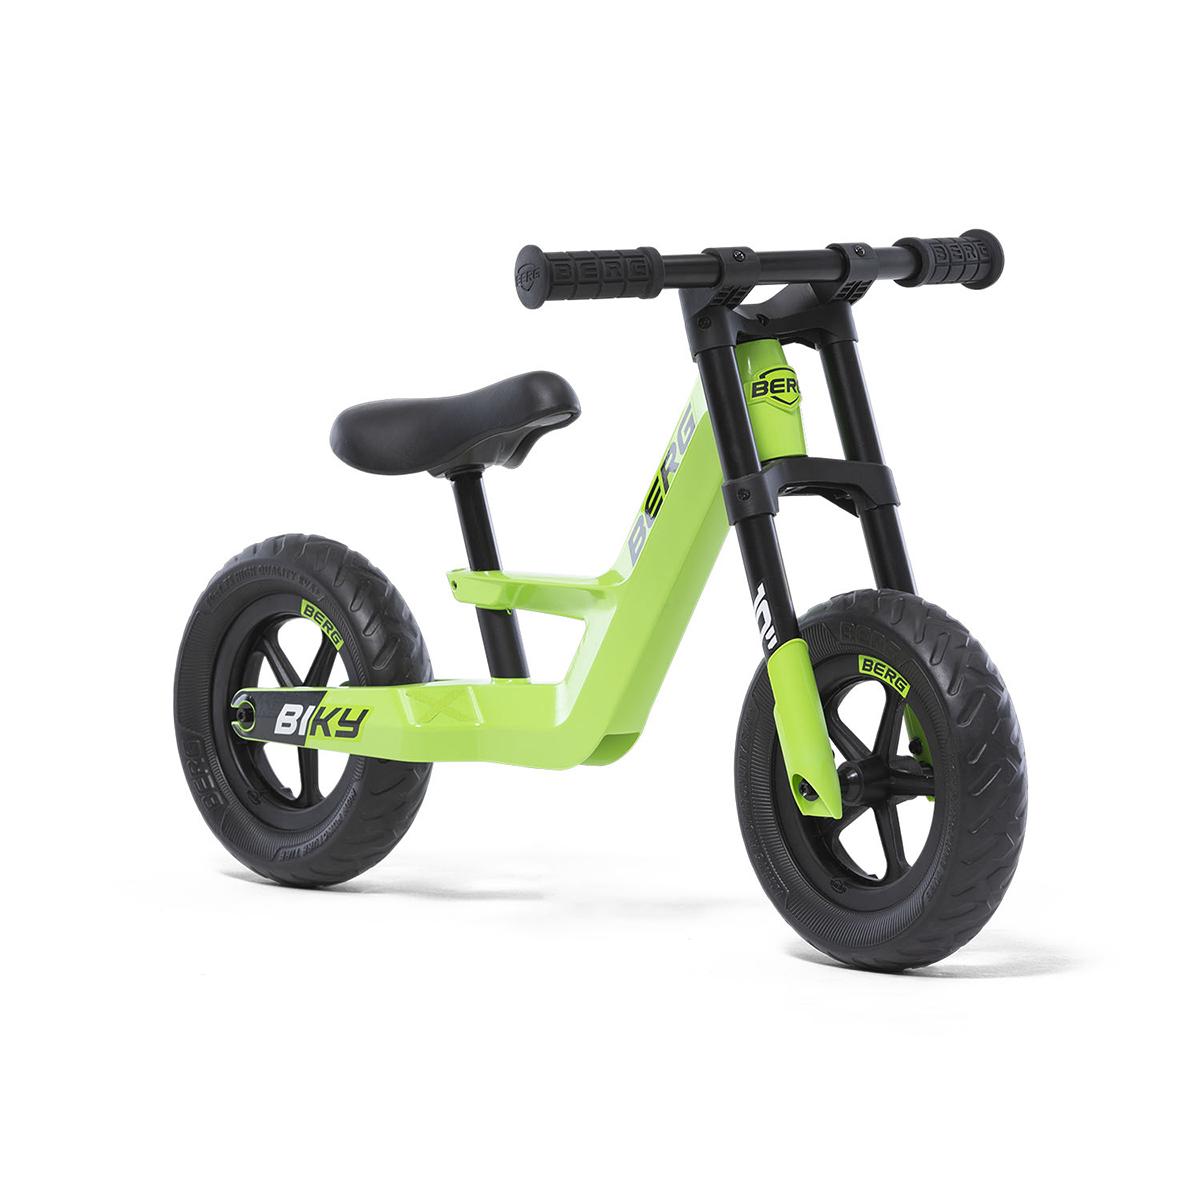 Draisienne Berg Biky Mini Vert - De 2 à 5 ans